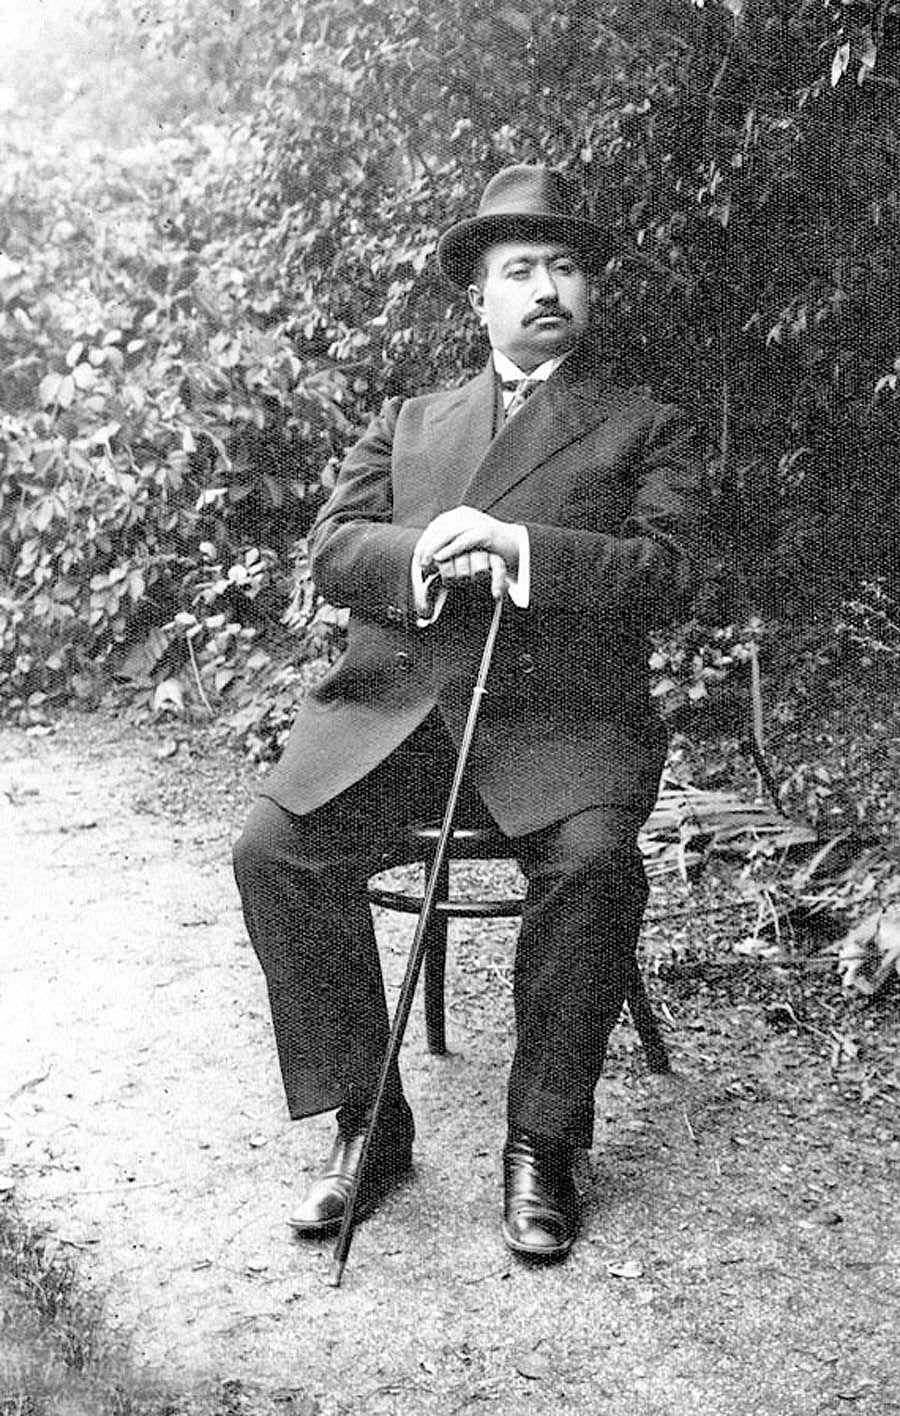 درگذشت محمد علی شاه در بندر ساوونا